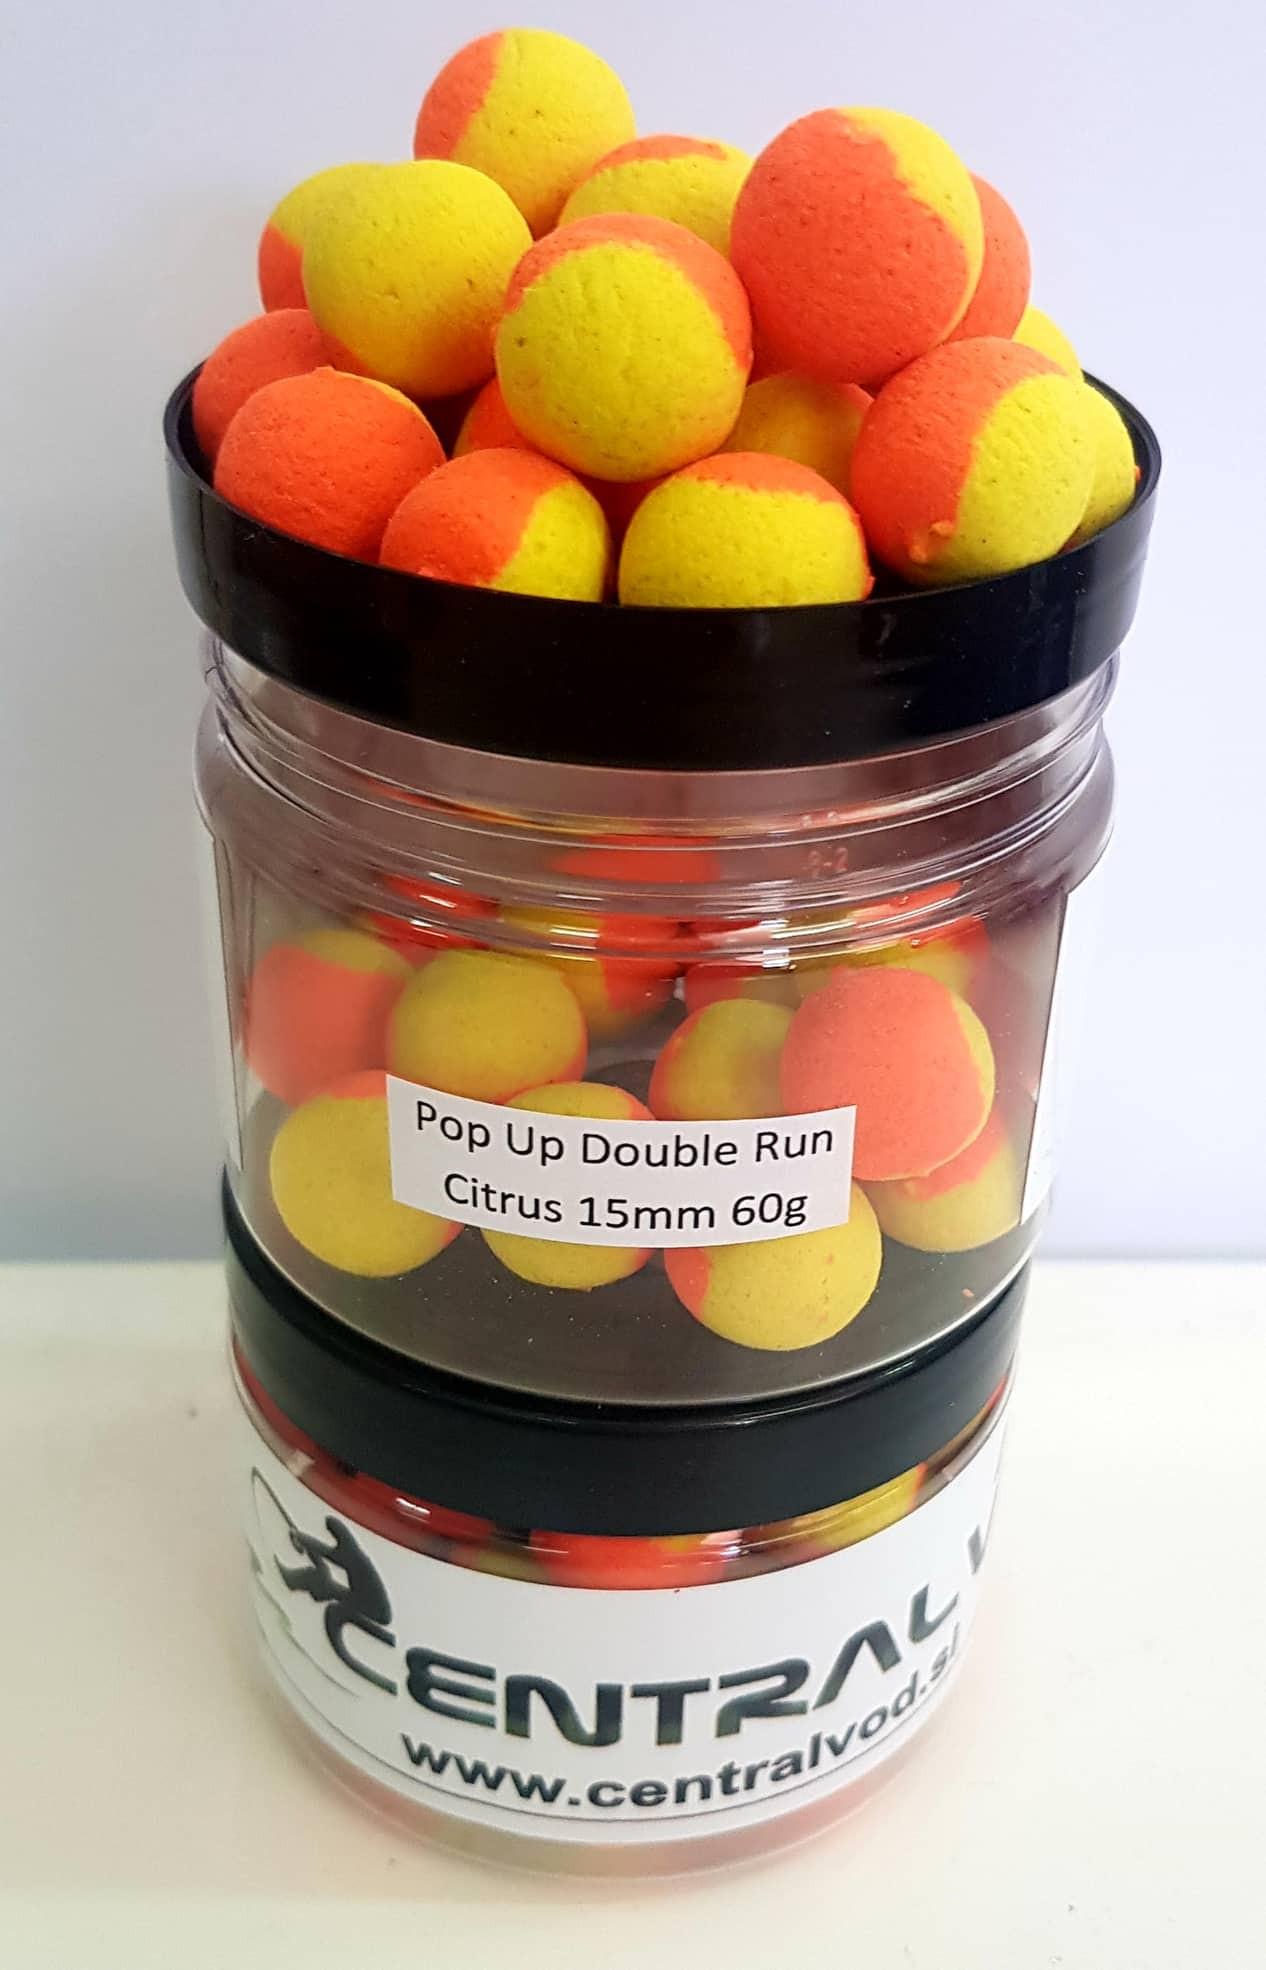 Pop Up Centralvod Baits Double Run Citrus 15mm 60g